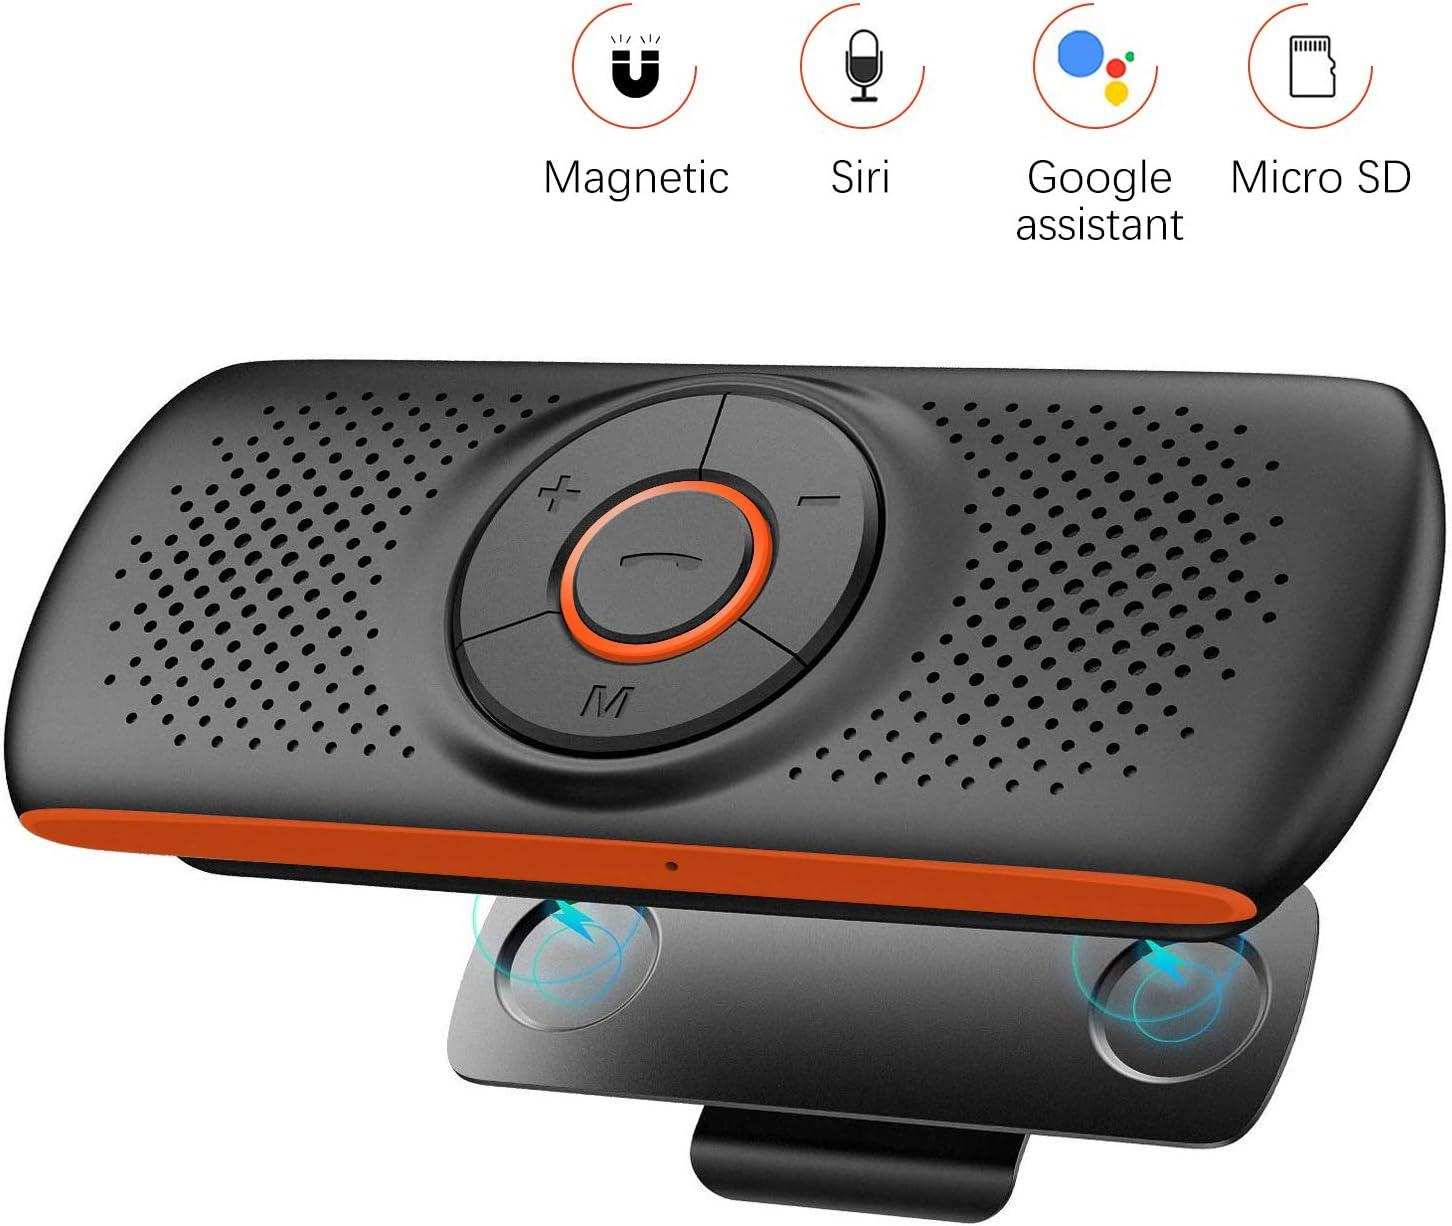 NETVIP Manos Libres Coche Bluetooth 4.2 con Siri y Google Assistant Kit de Coche Altavoz Inalámbrico para Visera Altavoz Inalámbrico Magnético Conexión de 2 teléfonos simultáneamente Apoyo Tarjeta TF